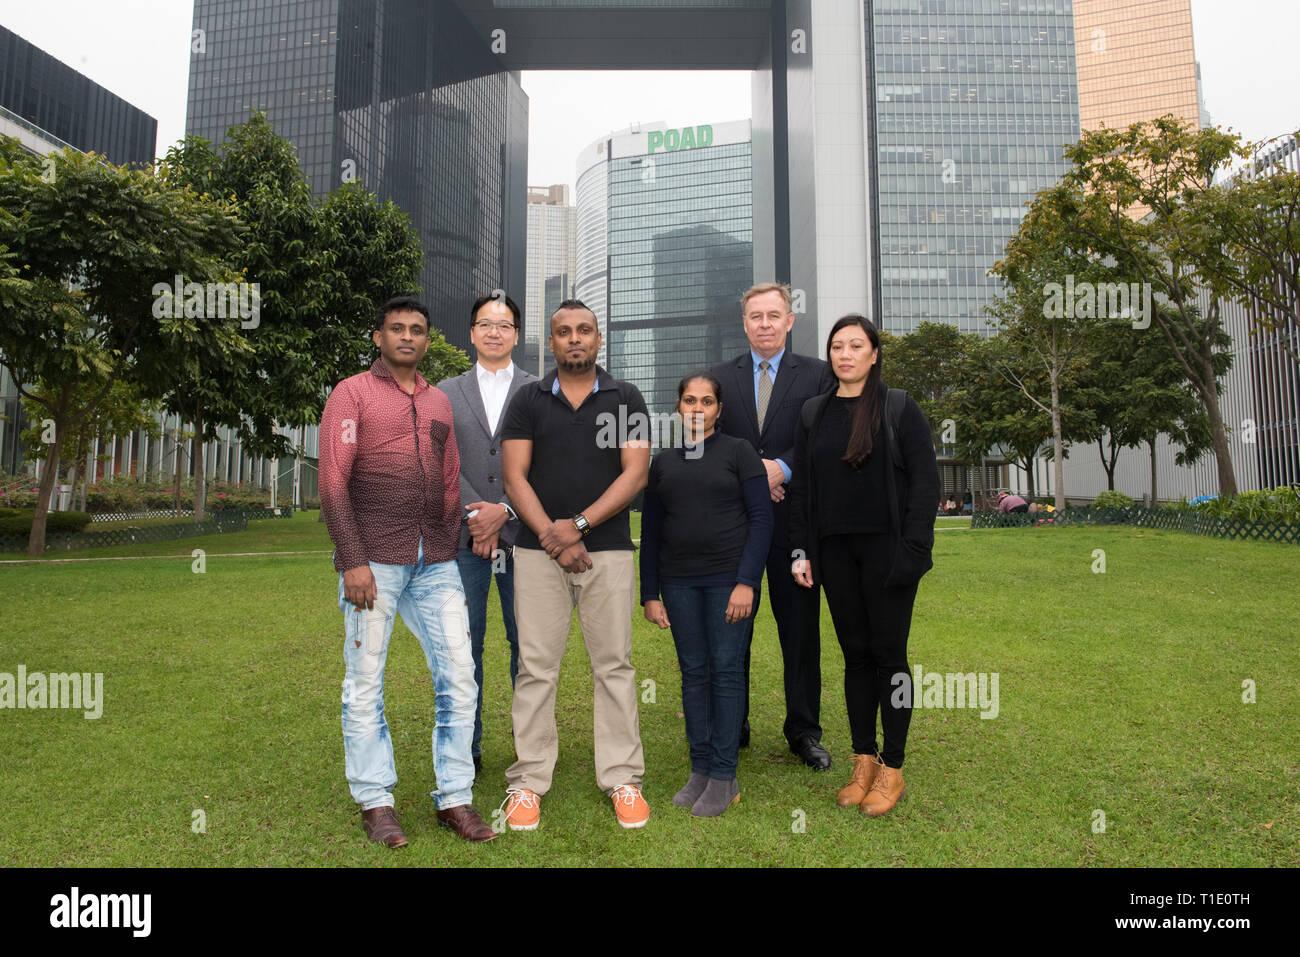 FILE IMAGE: HONG KONG,HONG KONG SAR,CHINA. L Ajith Puspa, Hong Kong government Legislator Charles Mok,Supun Thilina Kellapatha,Nadeeka Dilrukshi Nonis - Stock Image